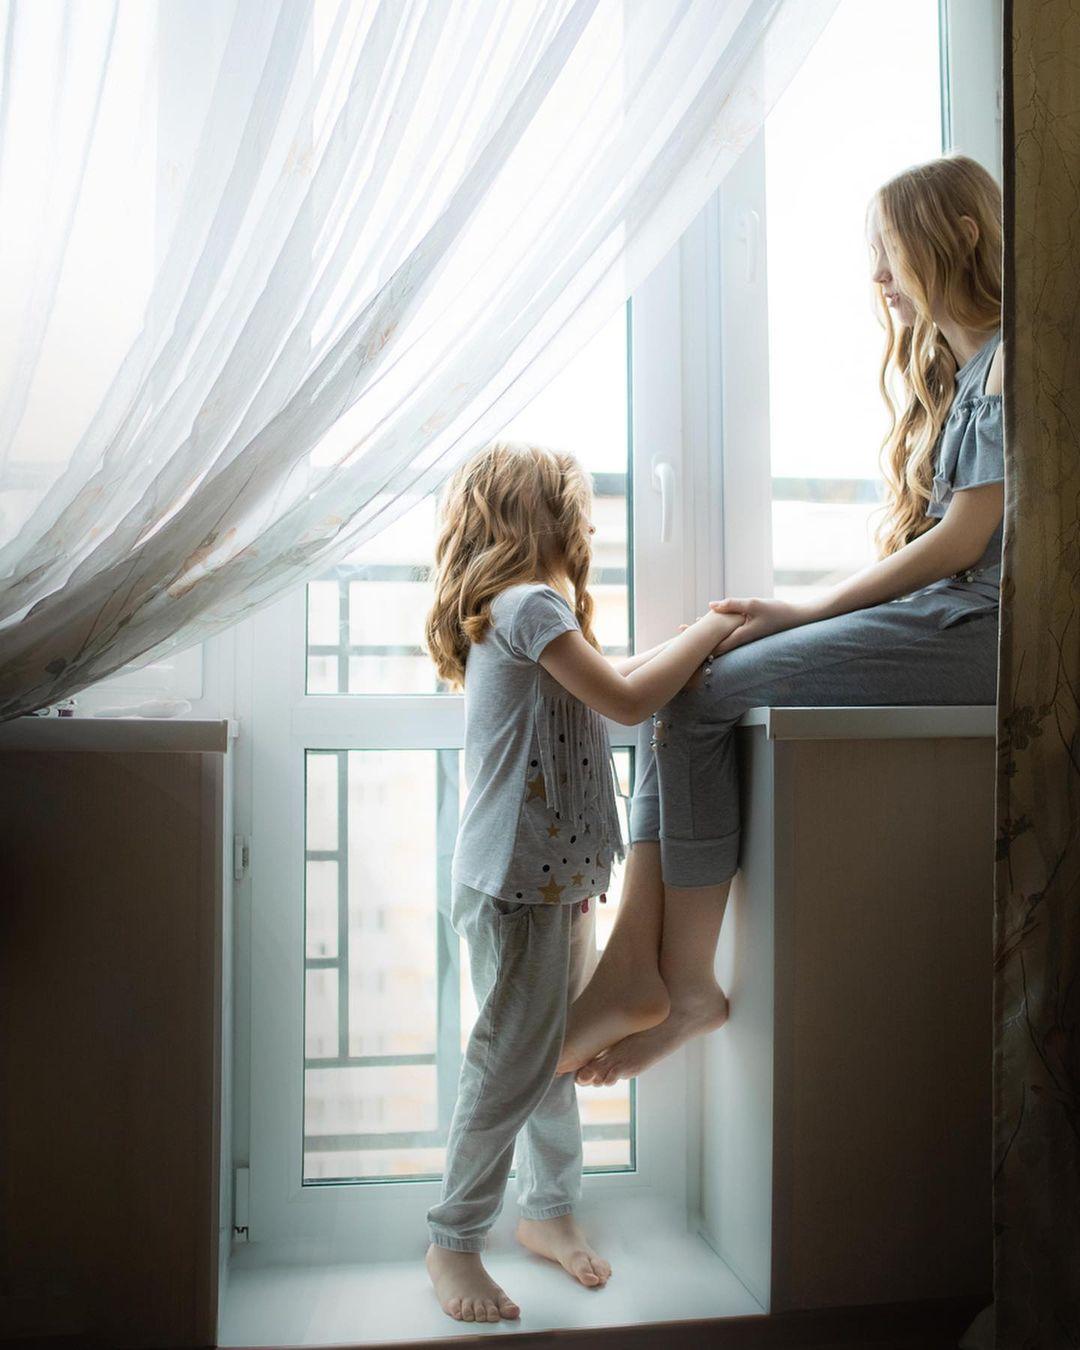 Девочки на домашней фотосессии одеты в серую одежду с неярким узором, и кадр выглядит гармонично